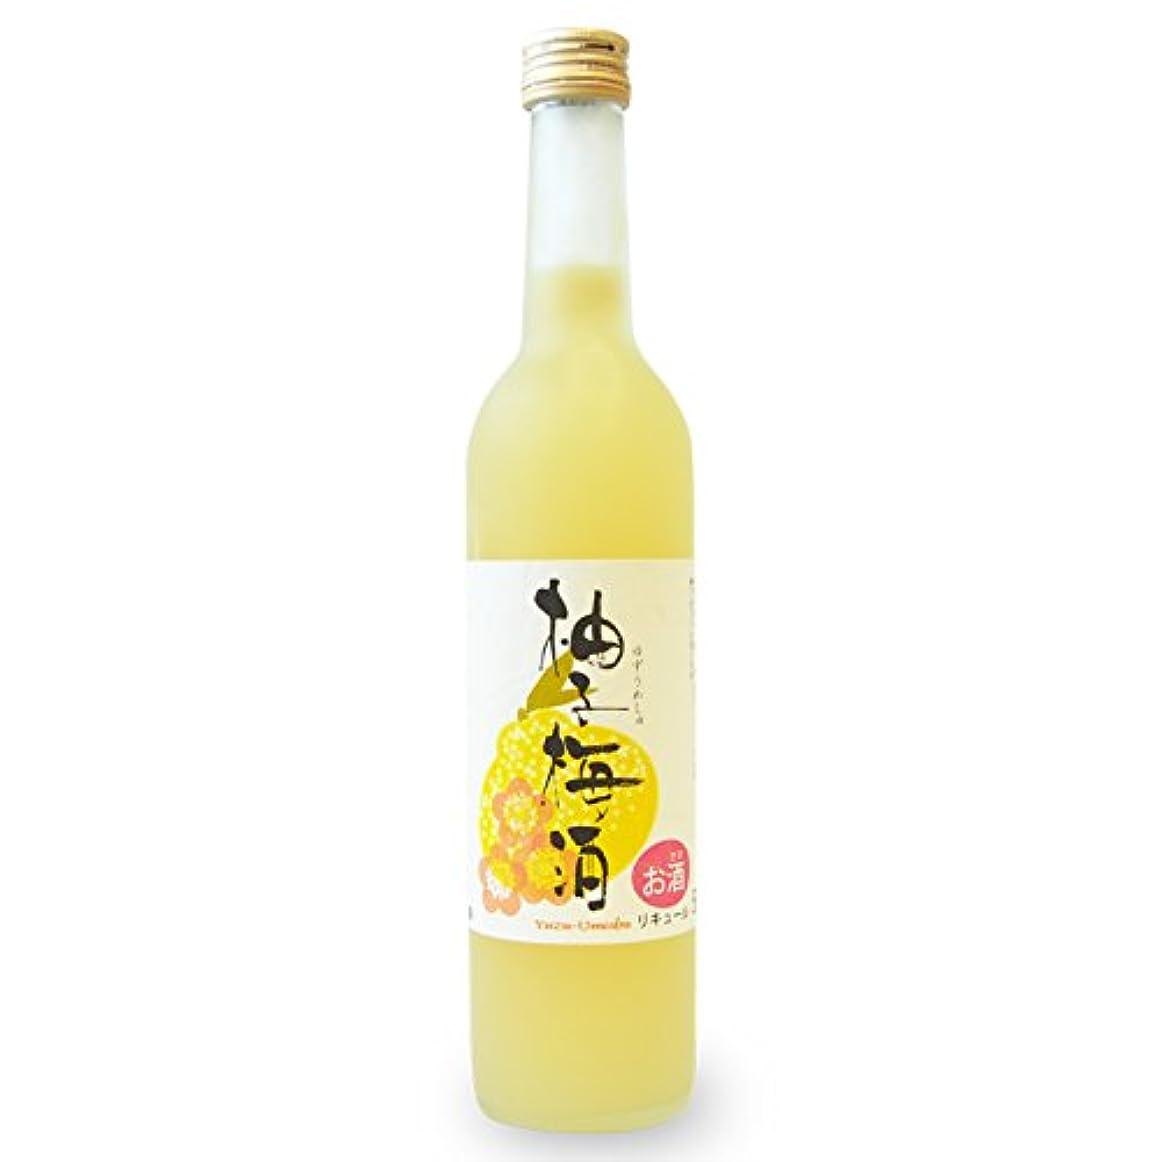 クループラスチック合理化プラム食品 柚子梅酒(ゆずうめしゅ)500ml アルコール度数9%